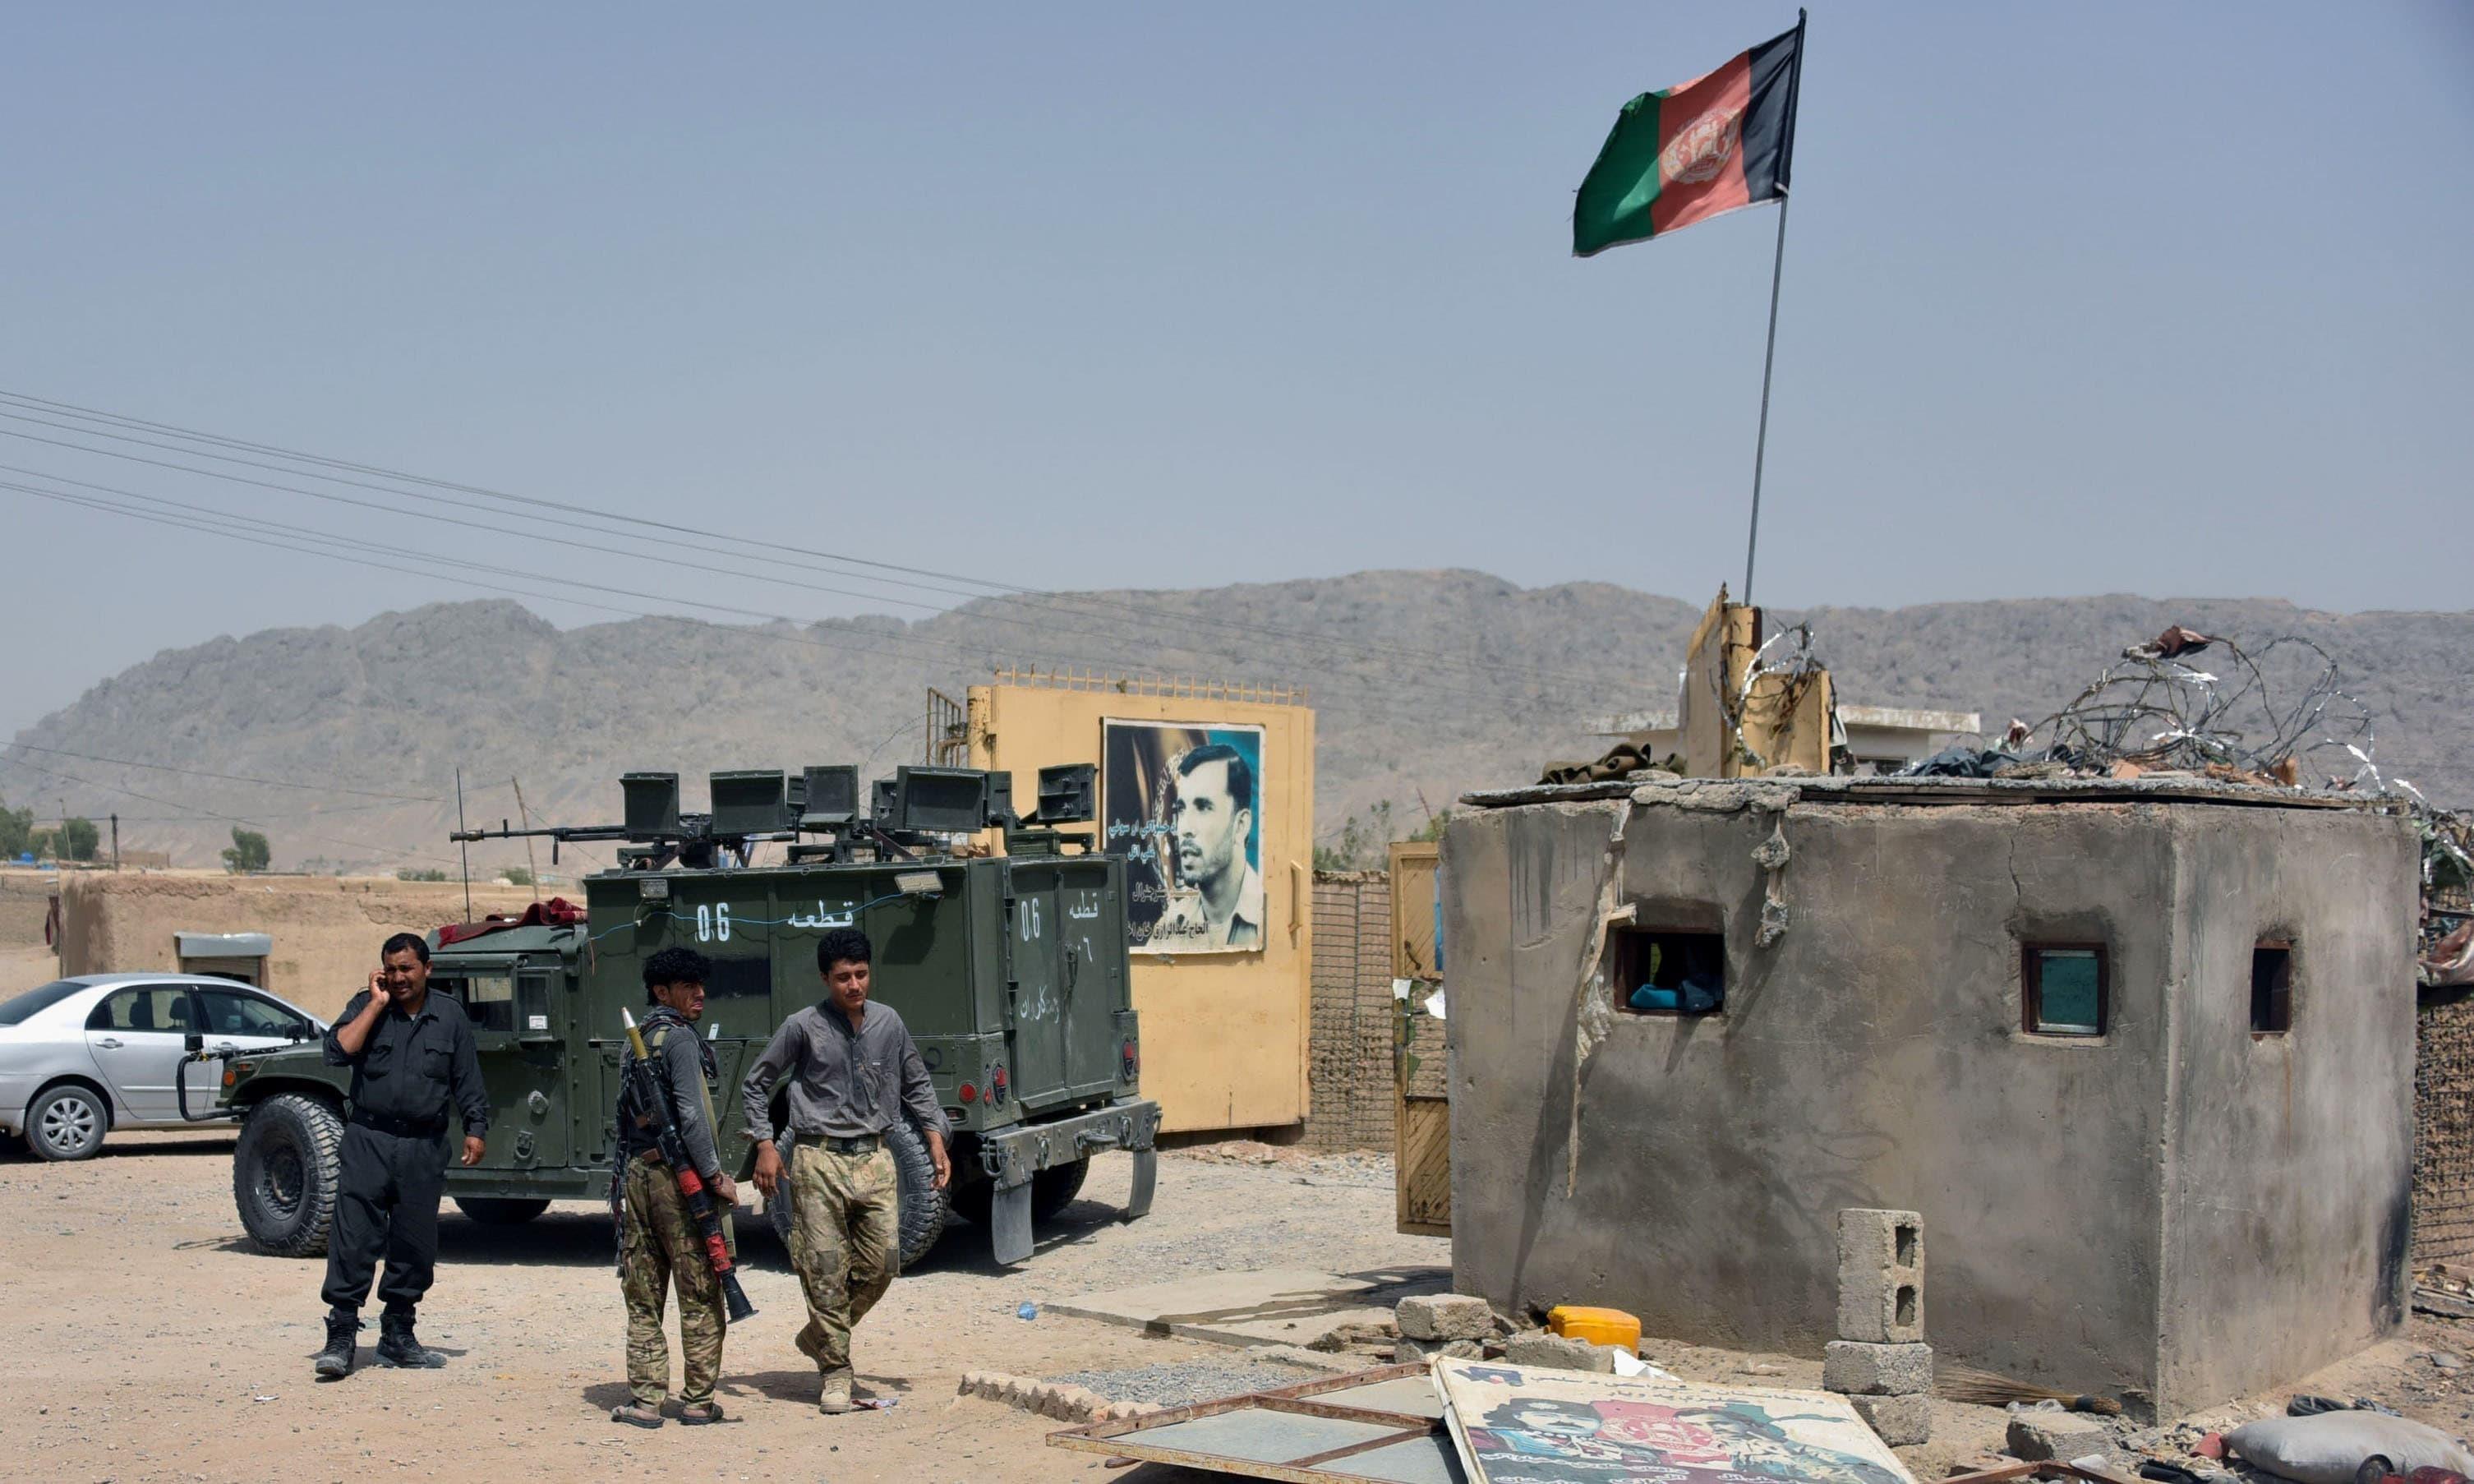 طالبان کے دوبارہ سَر اٹھانے کے بعد افغانستان کا کیا ہوگا؟